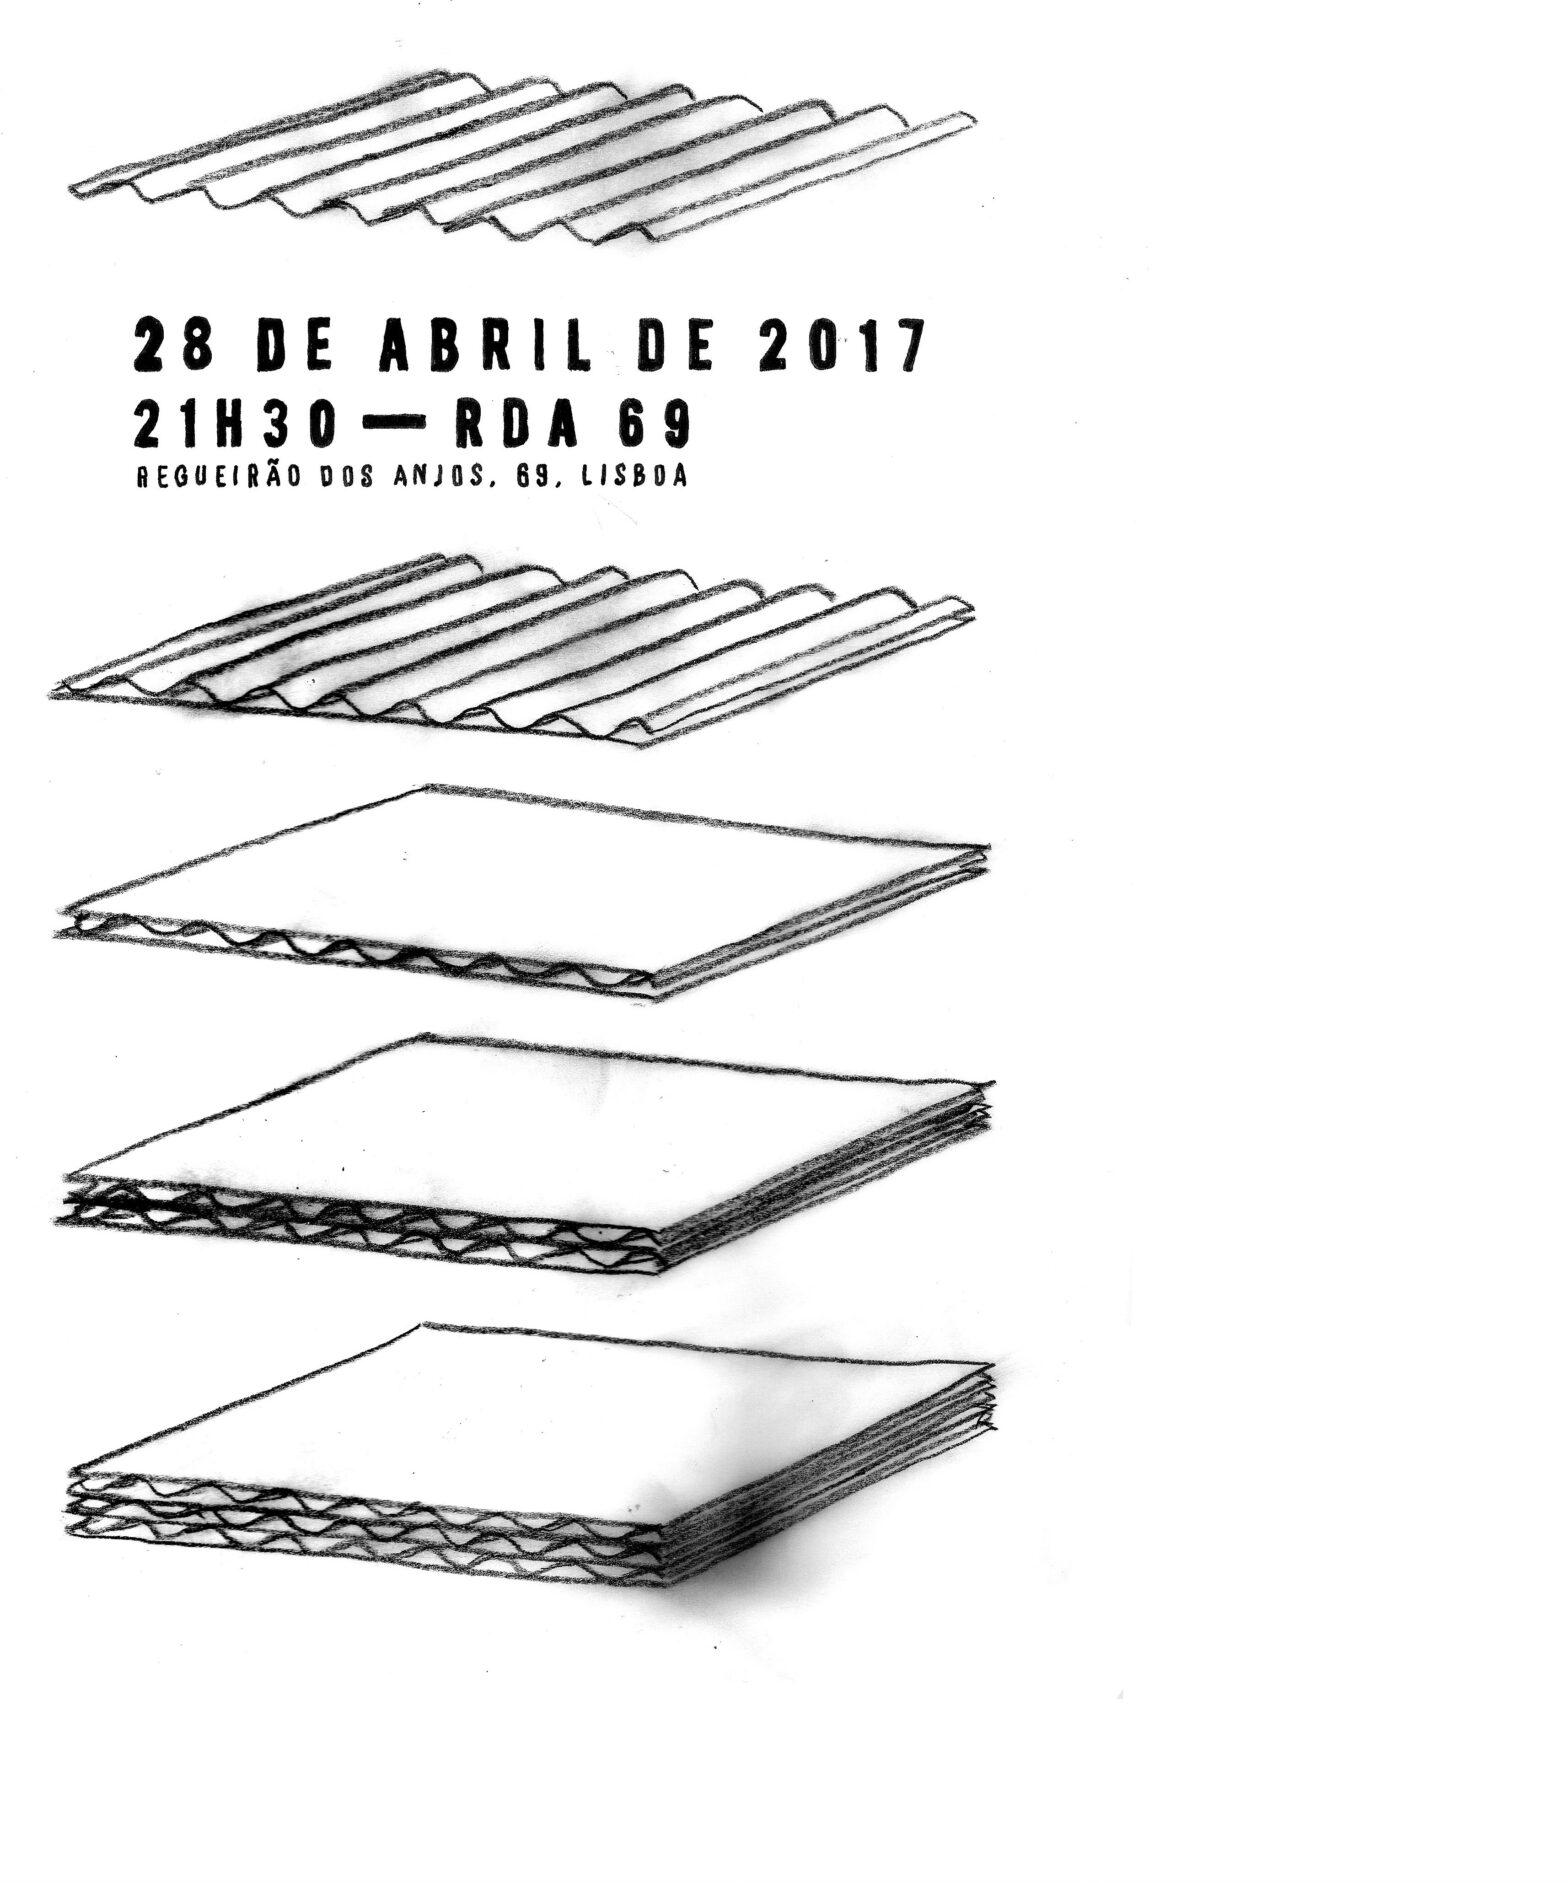 Movimento Cooperativo: uma experiência basca - 28 de Abril de 2017, 21h30, RDA69